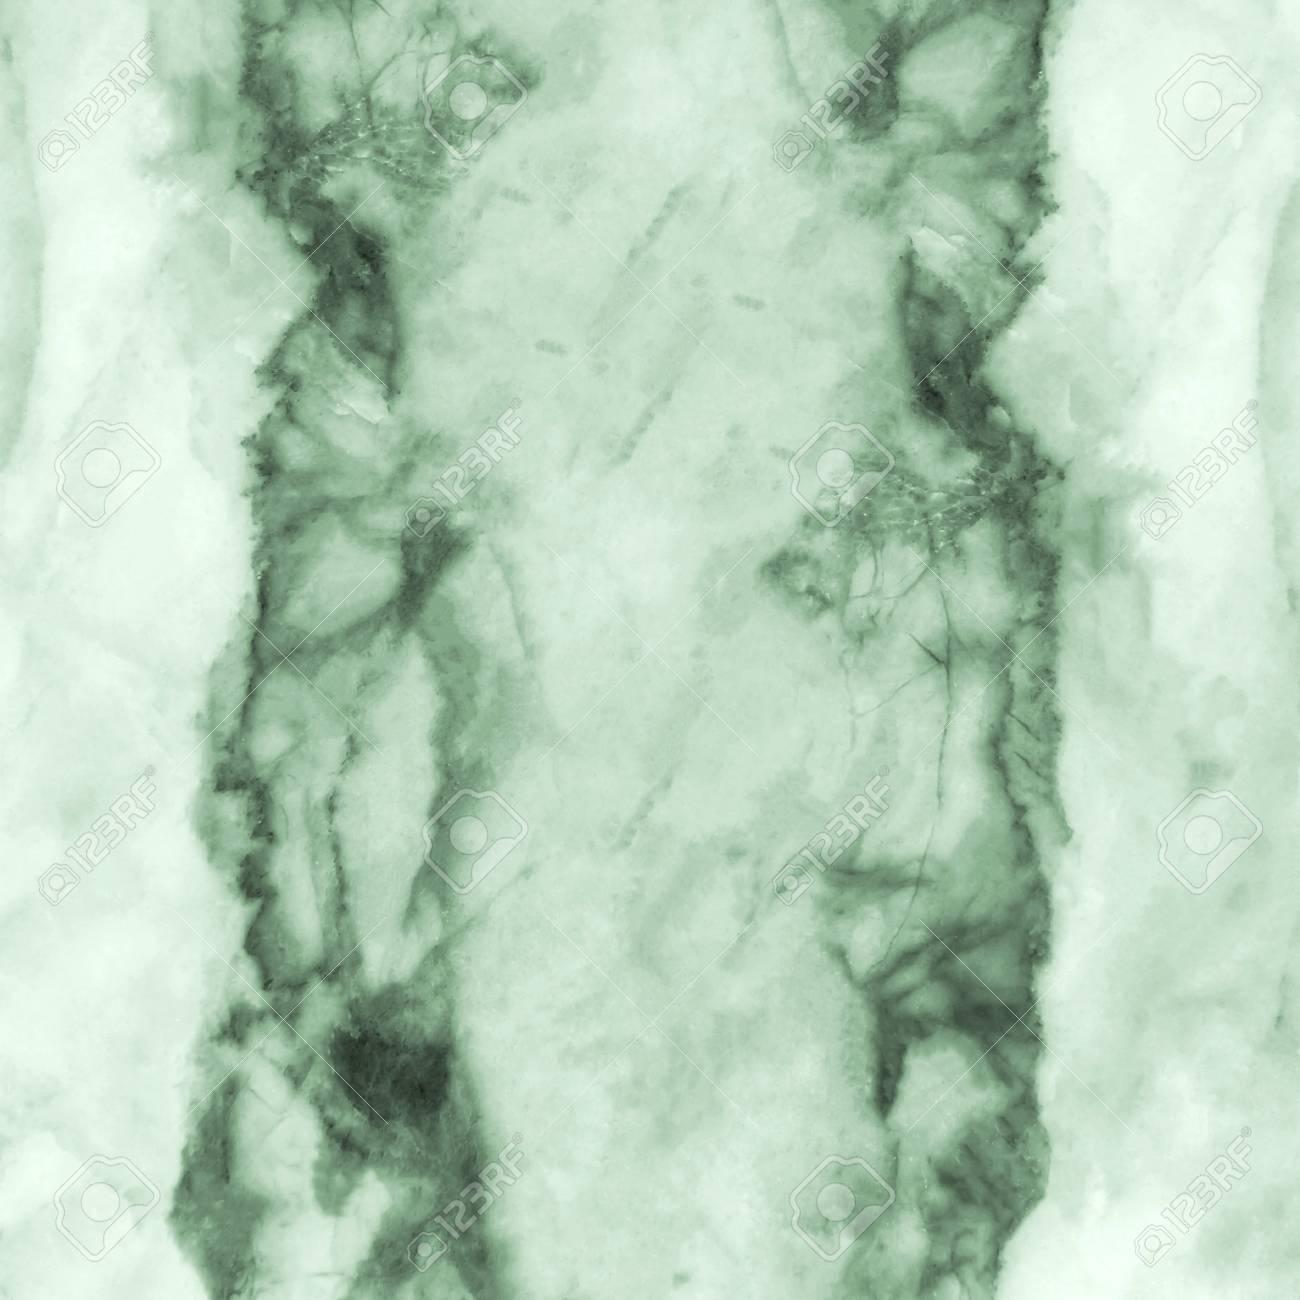 Immagini Stock Verde Marmo Modello Trama Sfondo Astratto Texture